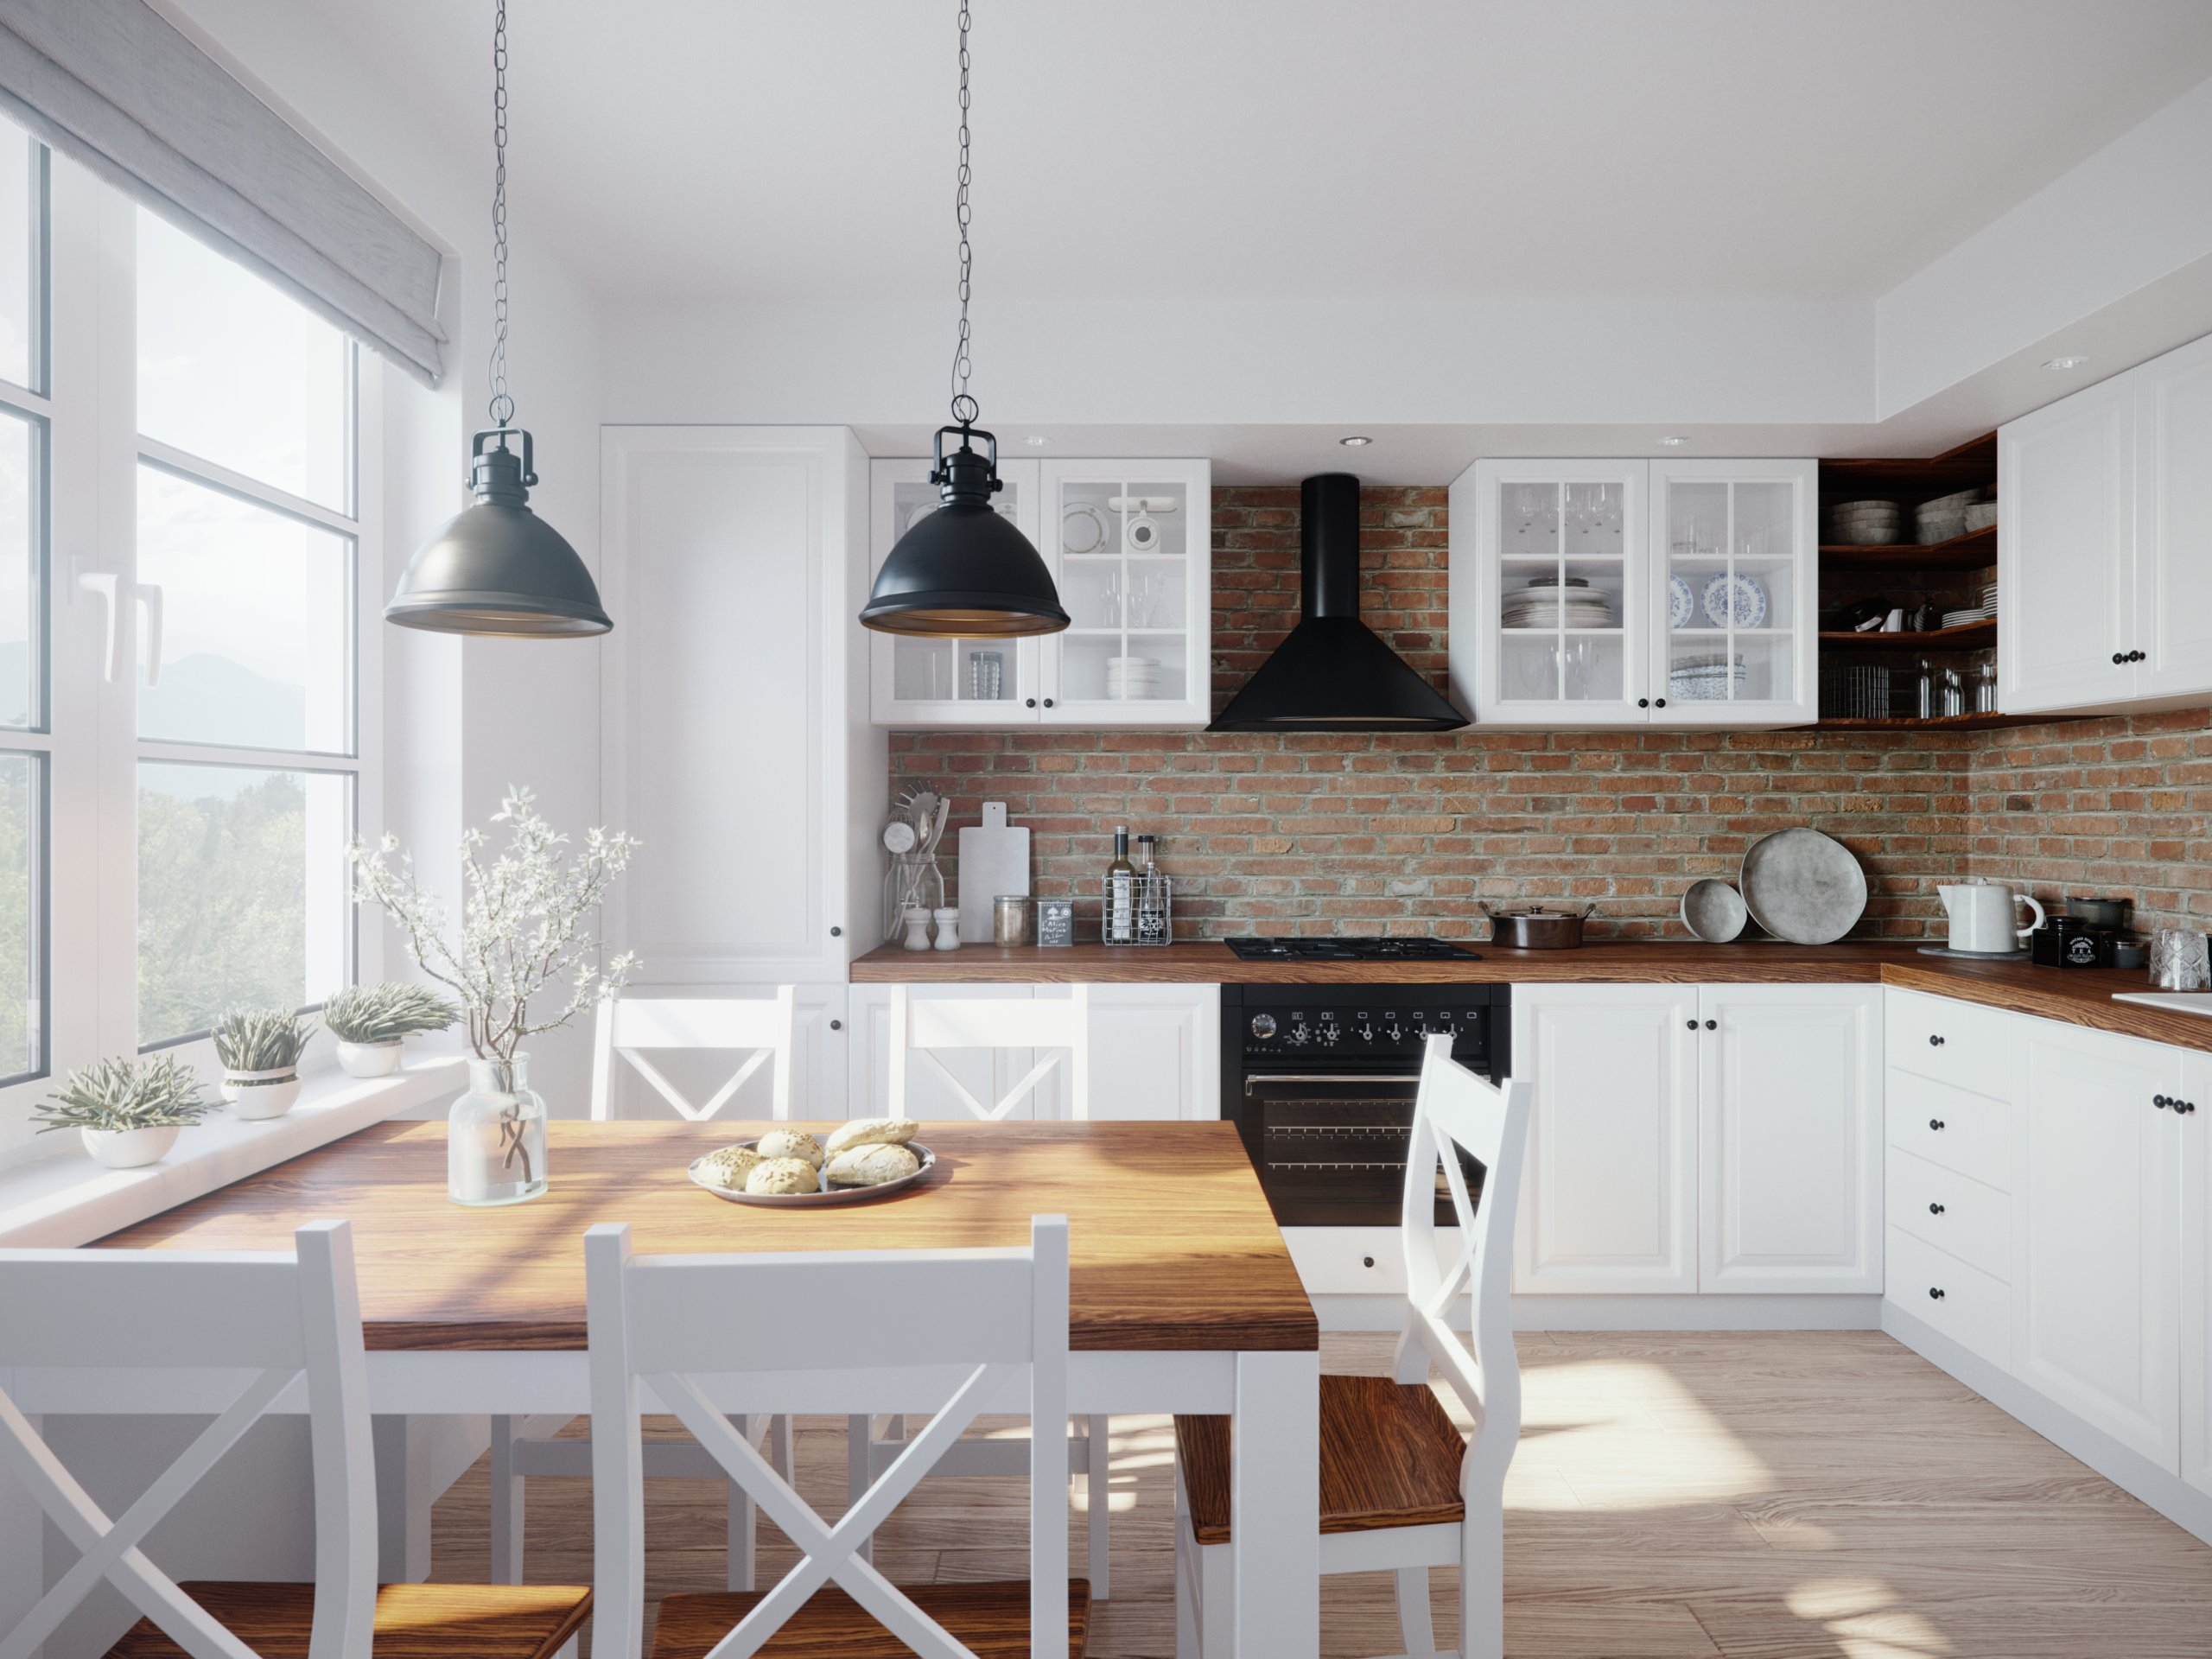 Kuchnia Z Drewna Sosnowa Dębowa Biała Wycena